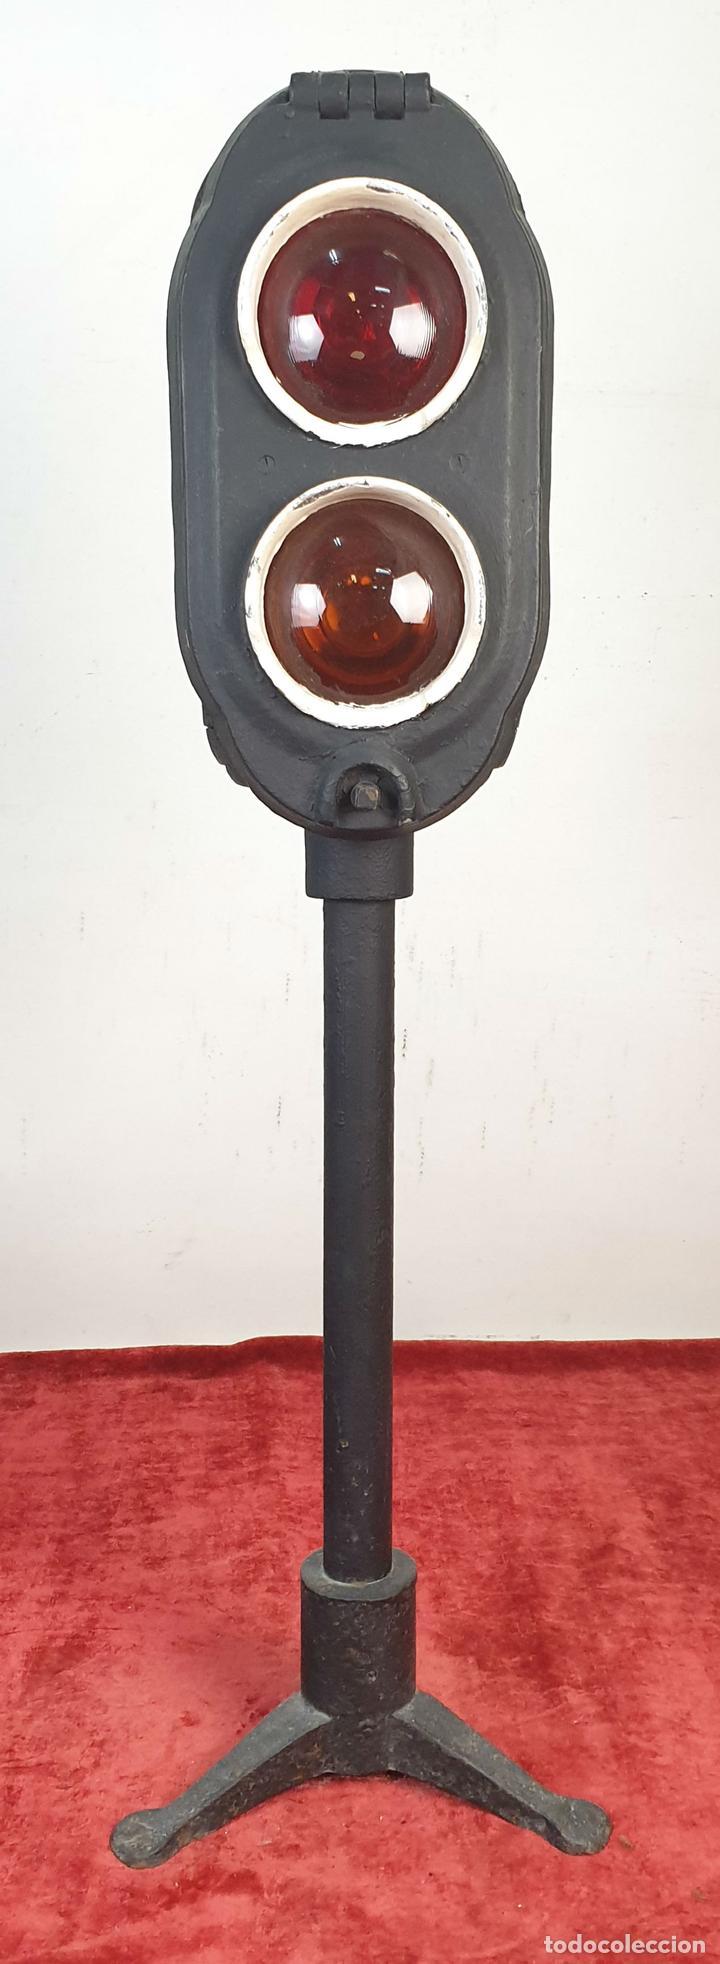 SEÑAL FERROVIARIA DOBLE. SEÑAL DE PARADA Y PRECAUCIÓN. RENFE. CIRCA 1970. (Antigüedades - Iluminación - Faroles Antiguos)